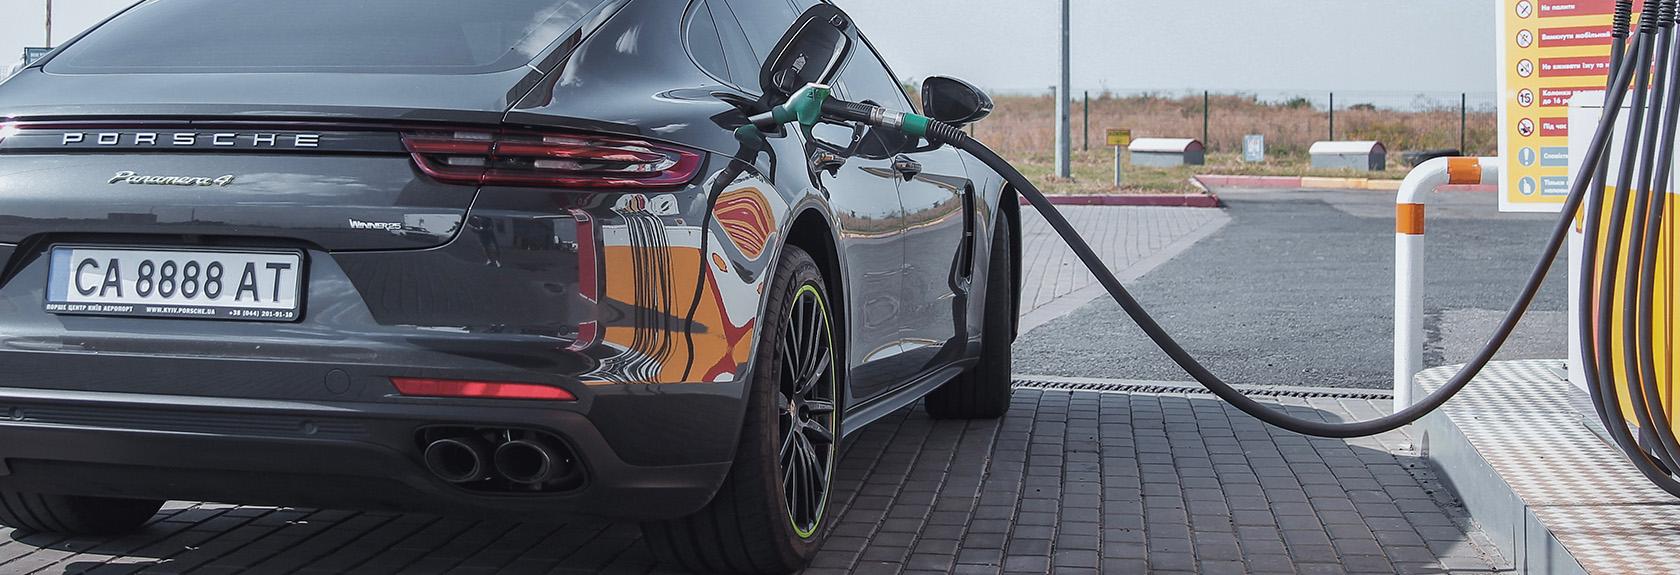 Benzine en diesel prijzen in Dubai